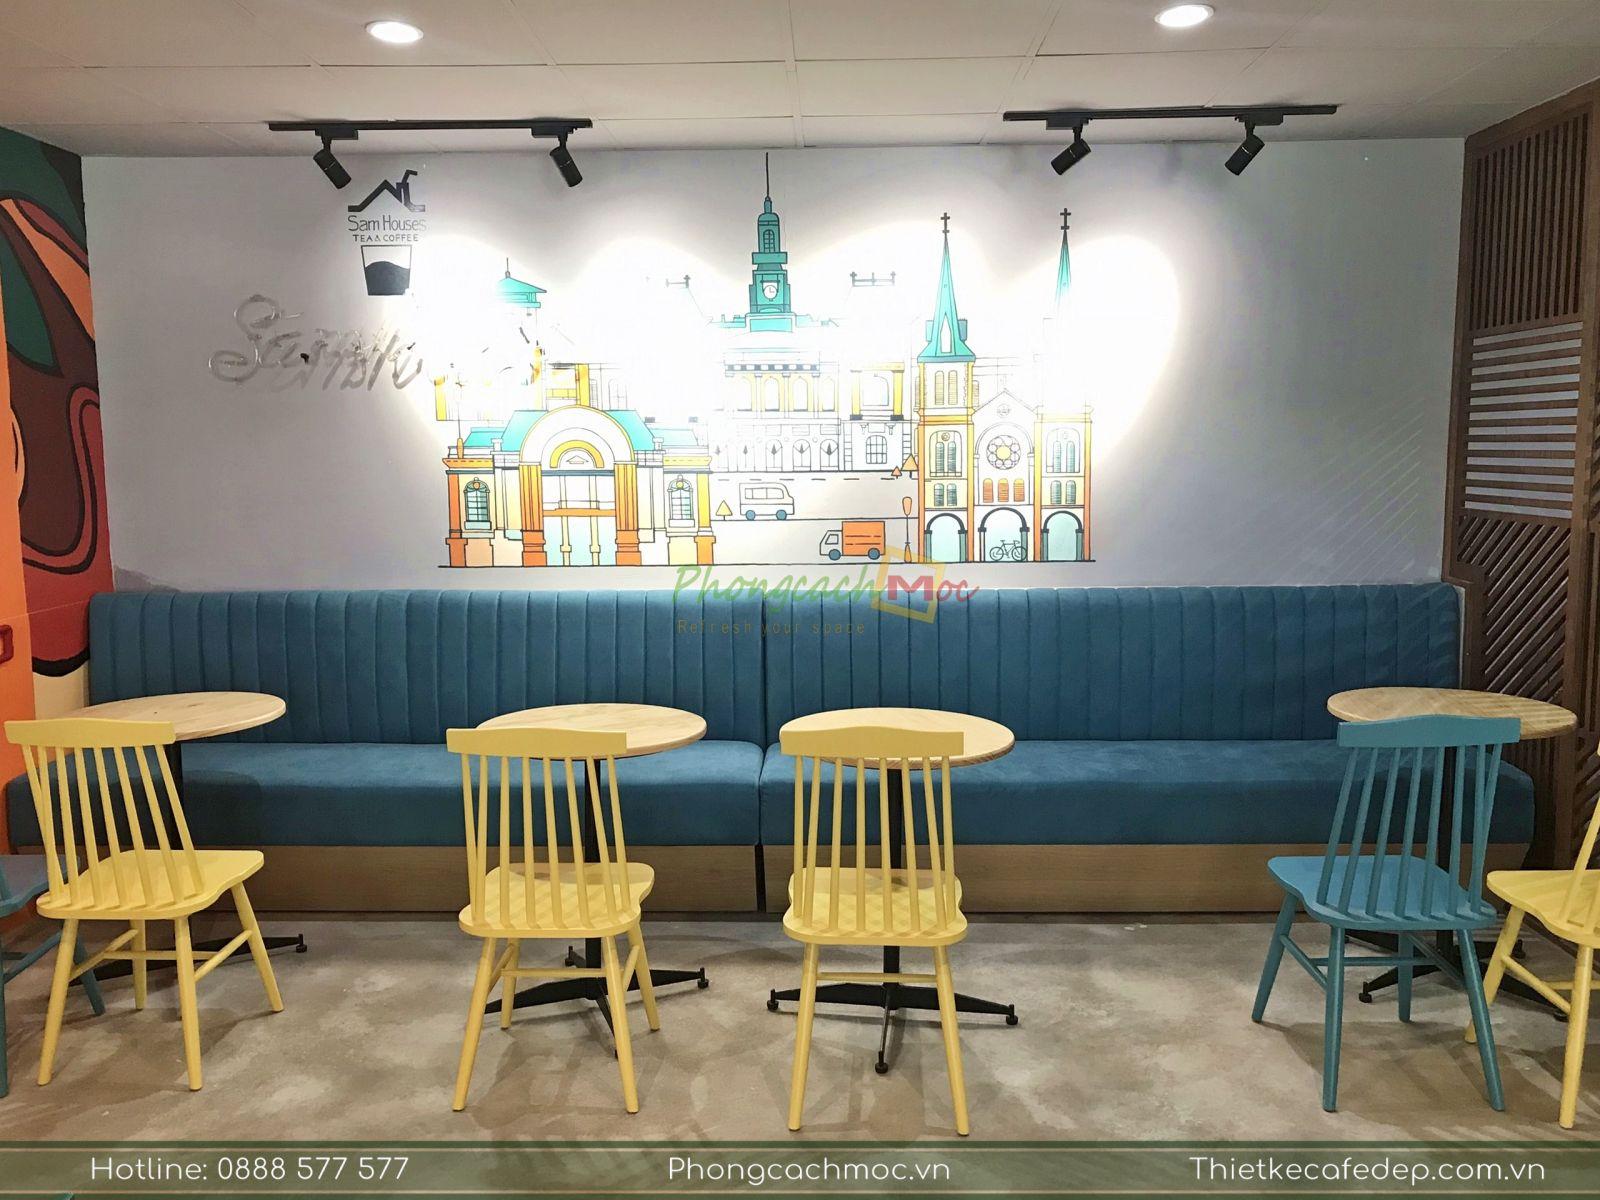 noi-that-quan-cafe-samhouse-coffee-binh-duong-44